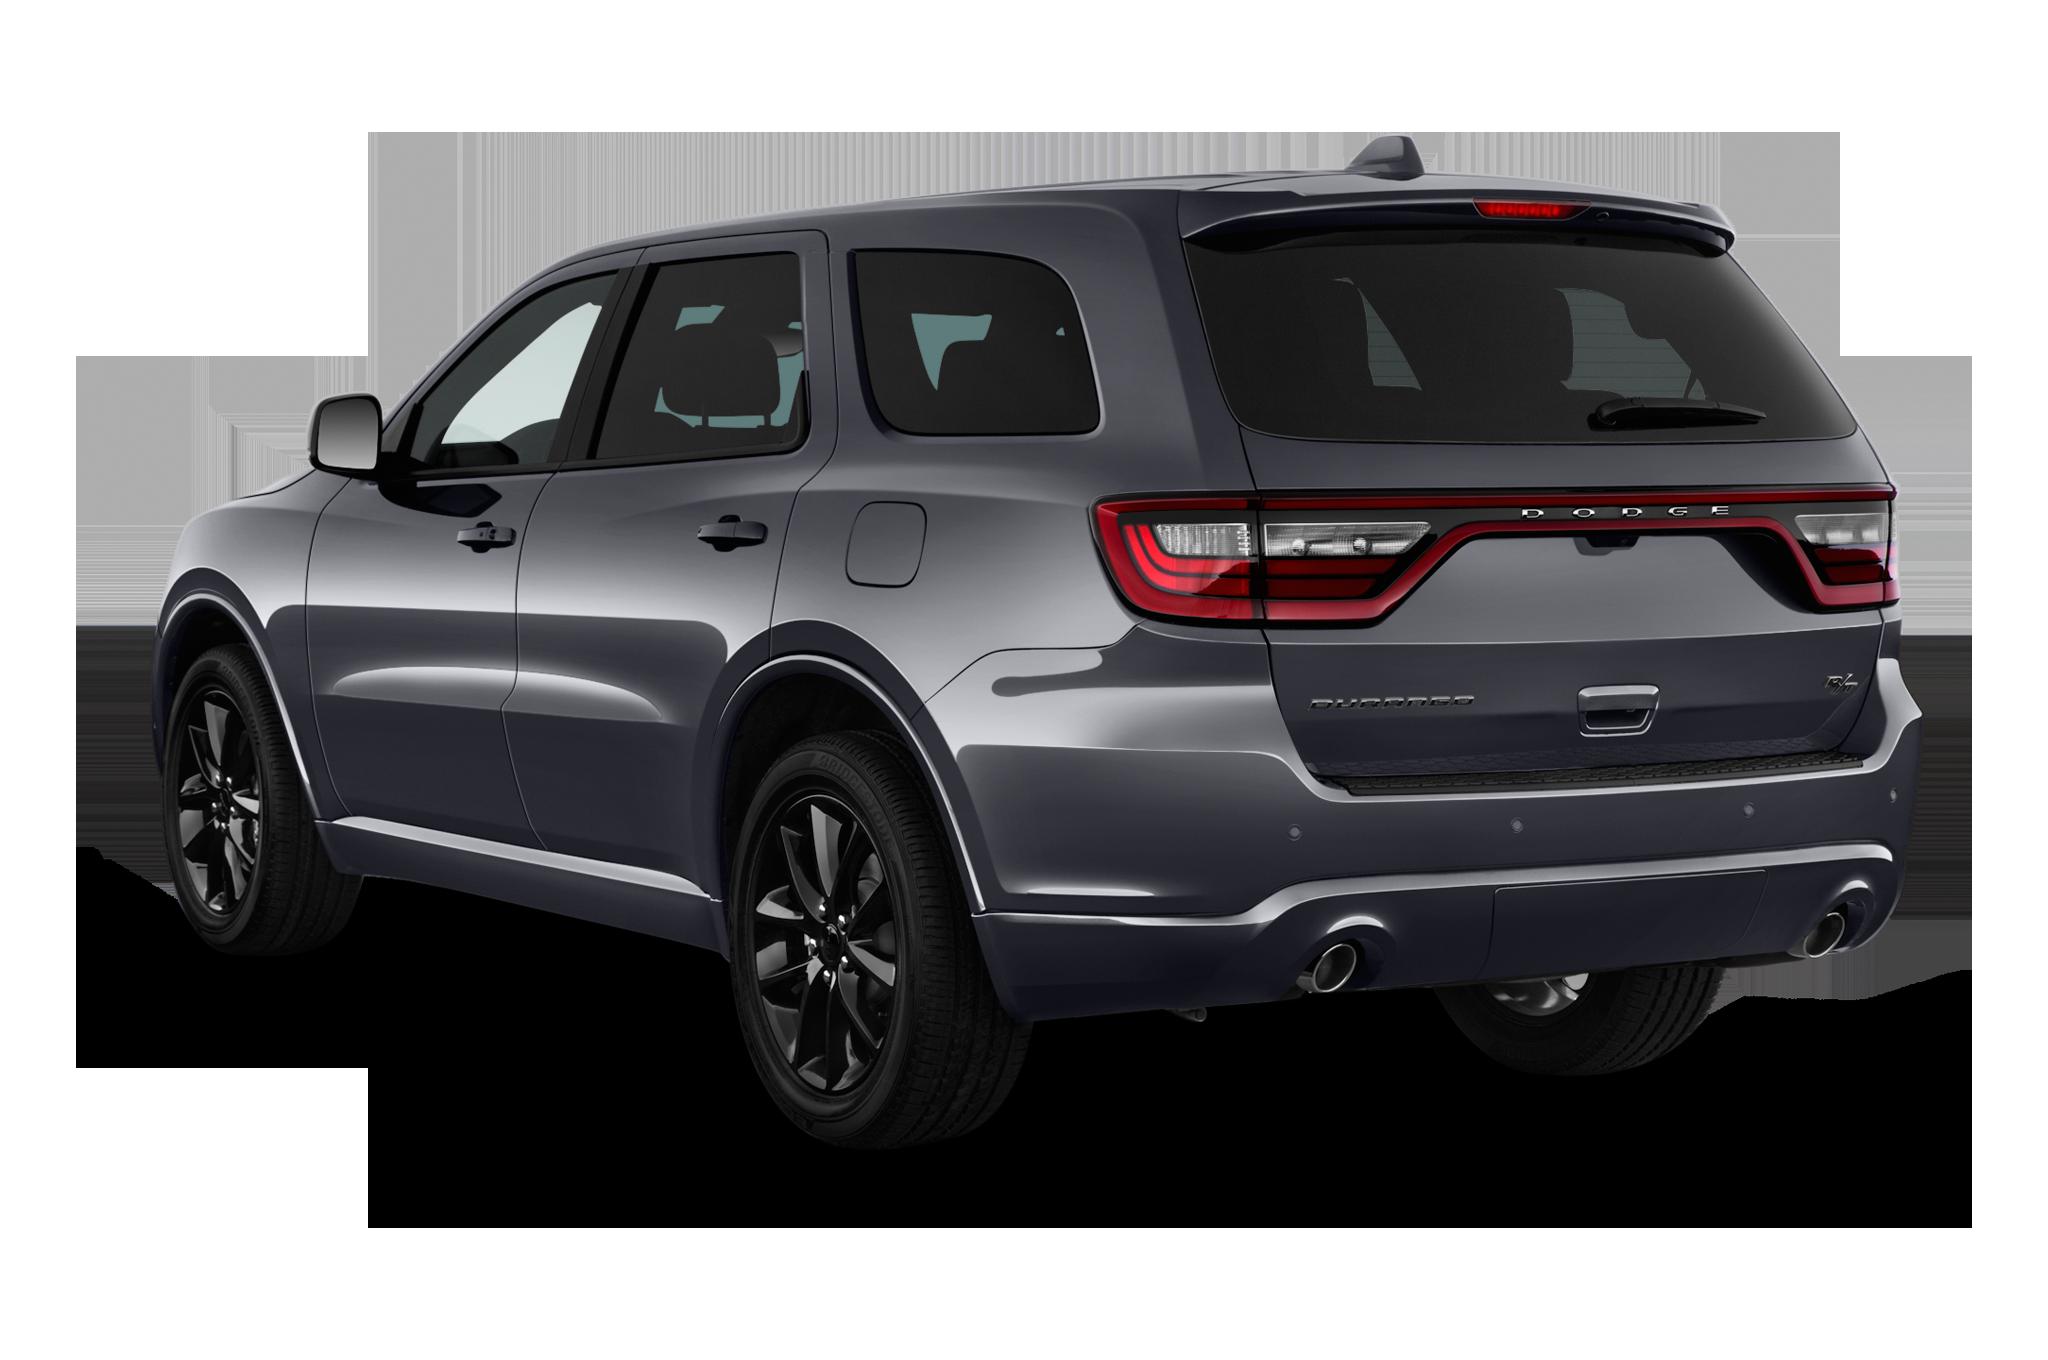 2019 Dodge Durango Rt >> 2018 Dodge Durango R/T and SRT Gets Stripes and More Mopar Performance Goodies | Automobile Magazine